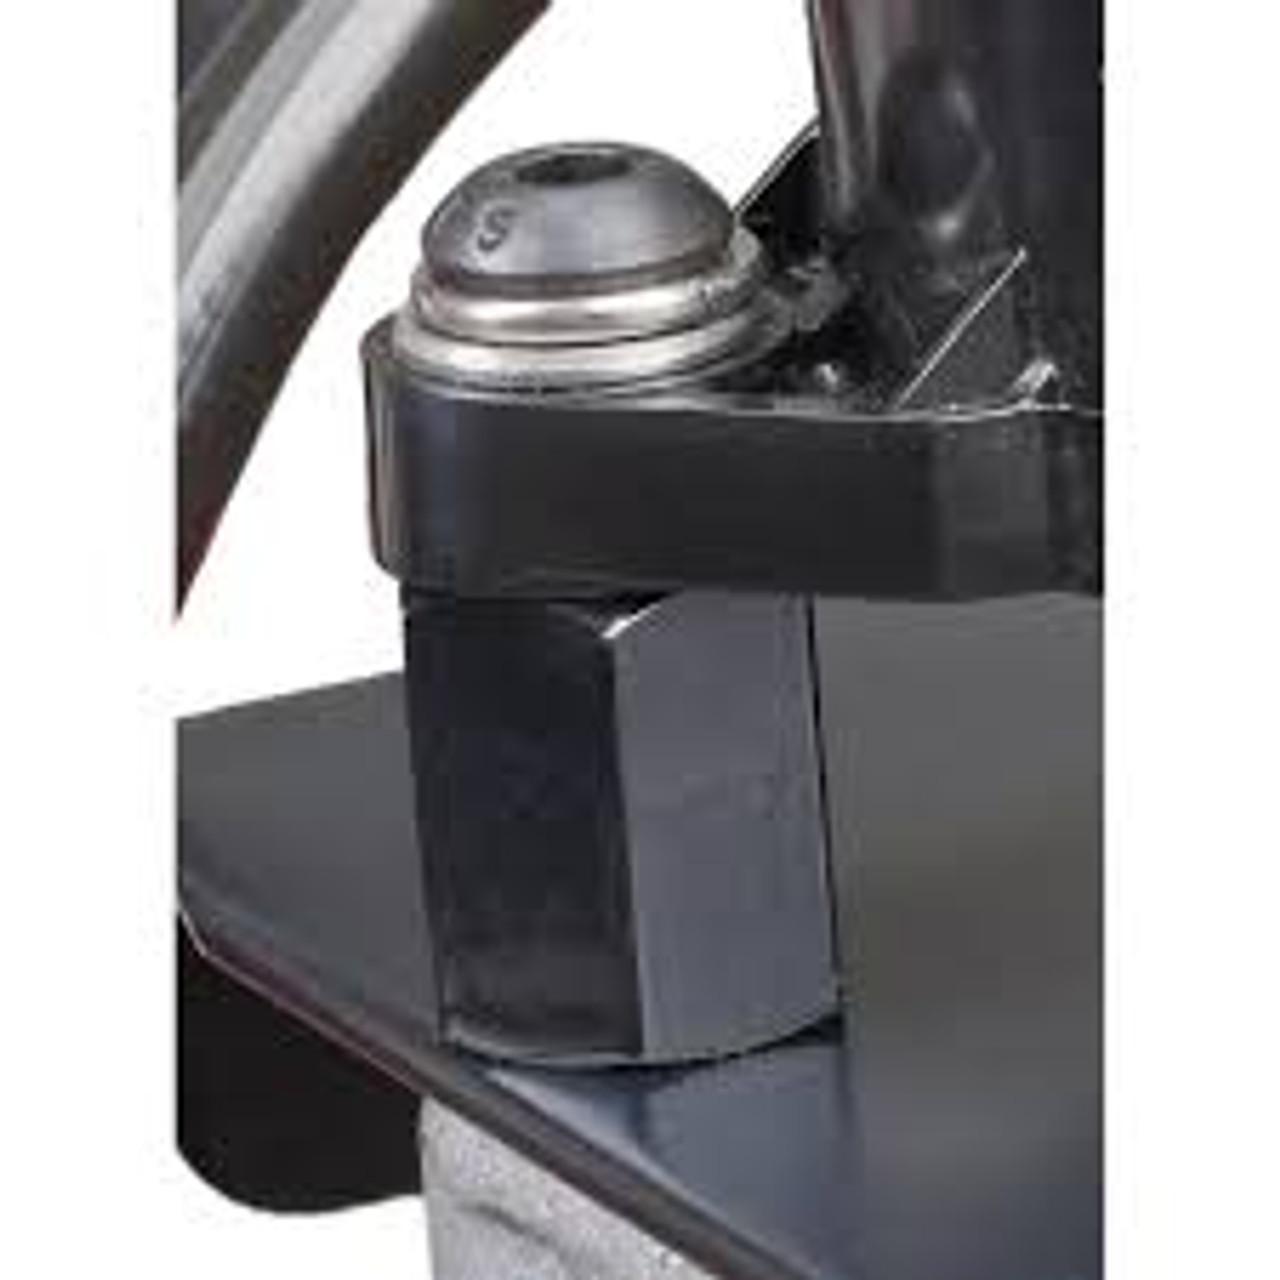 P/N EBL1587: RLV Briggs LO206/Animal Fuel Pump Stand